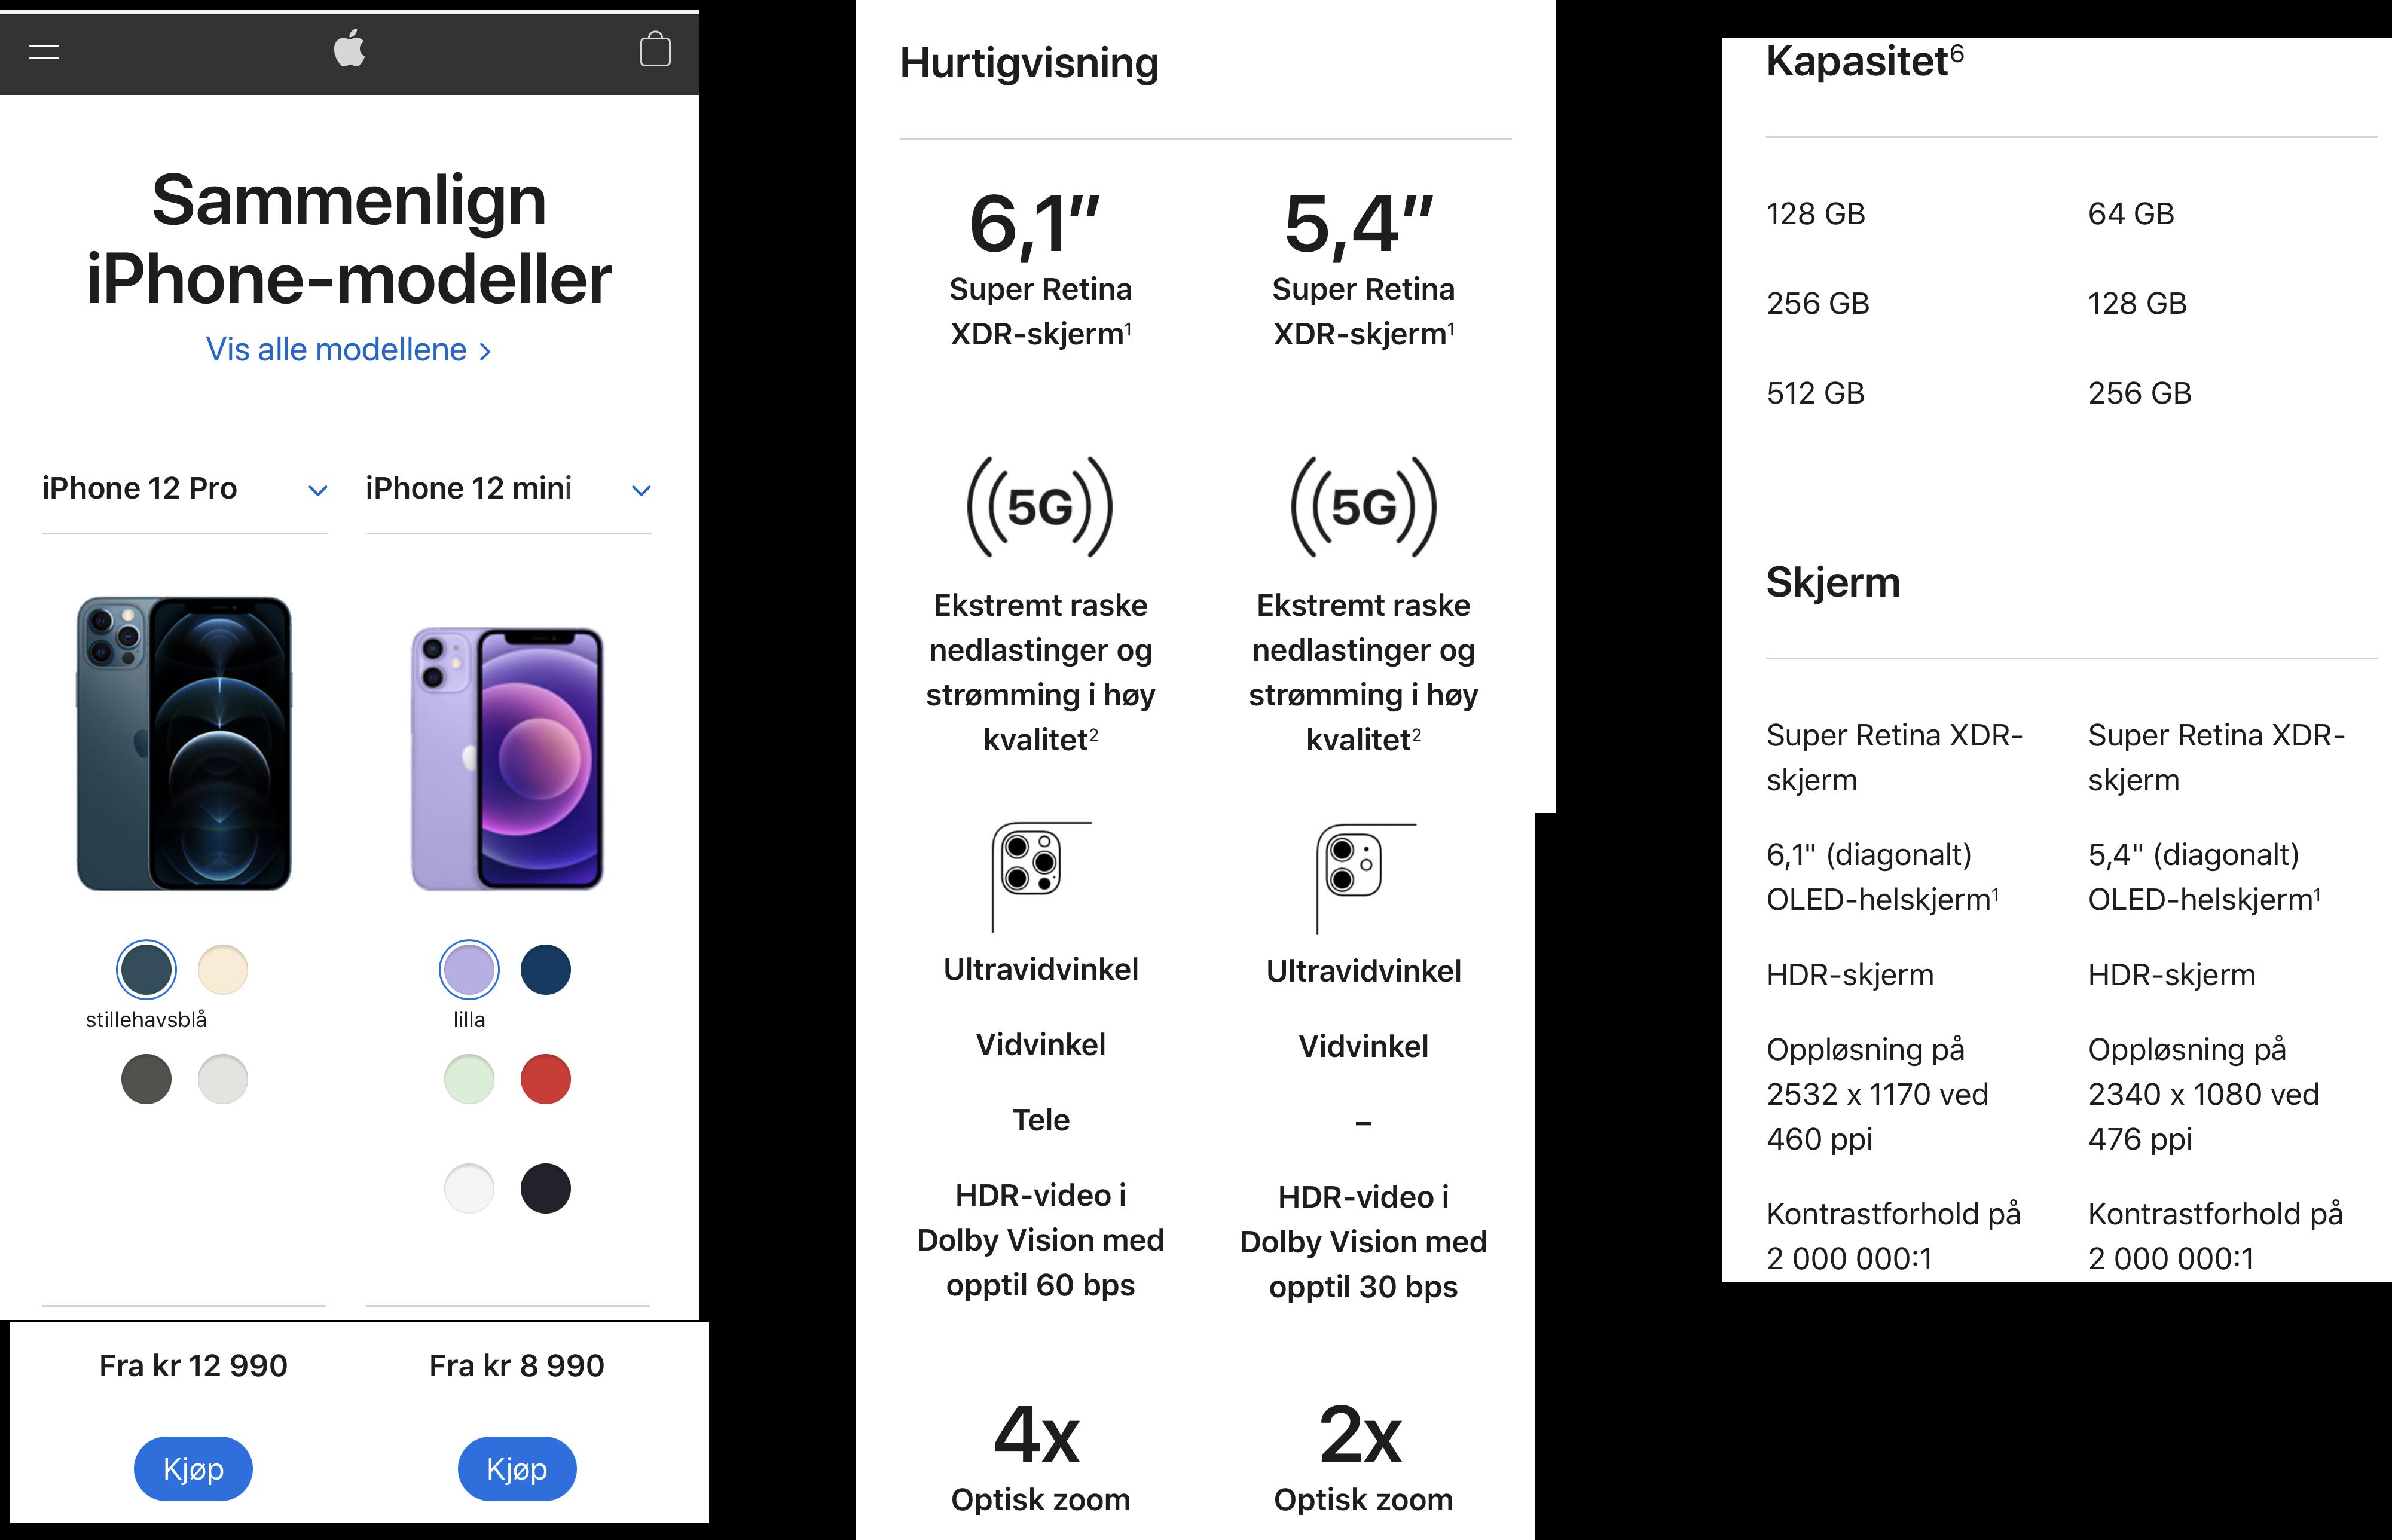 Skjermdump fra sammenligningen til Eplehuset for ulike iPhone-modeller